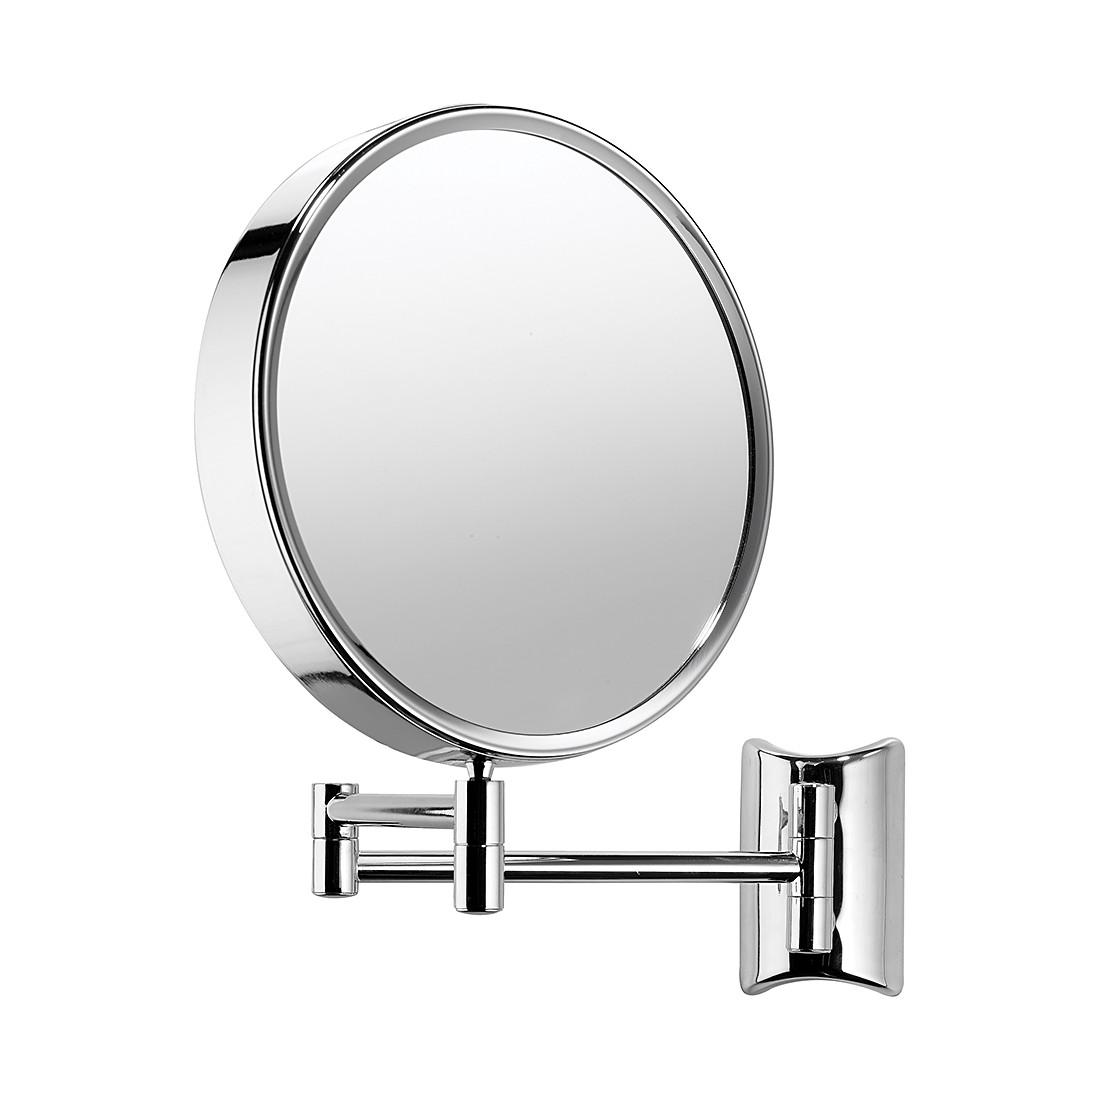 Miroir mural Lola - Chrome Avec grossissement x7, Nicol Wohnausstattungen